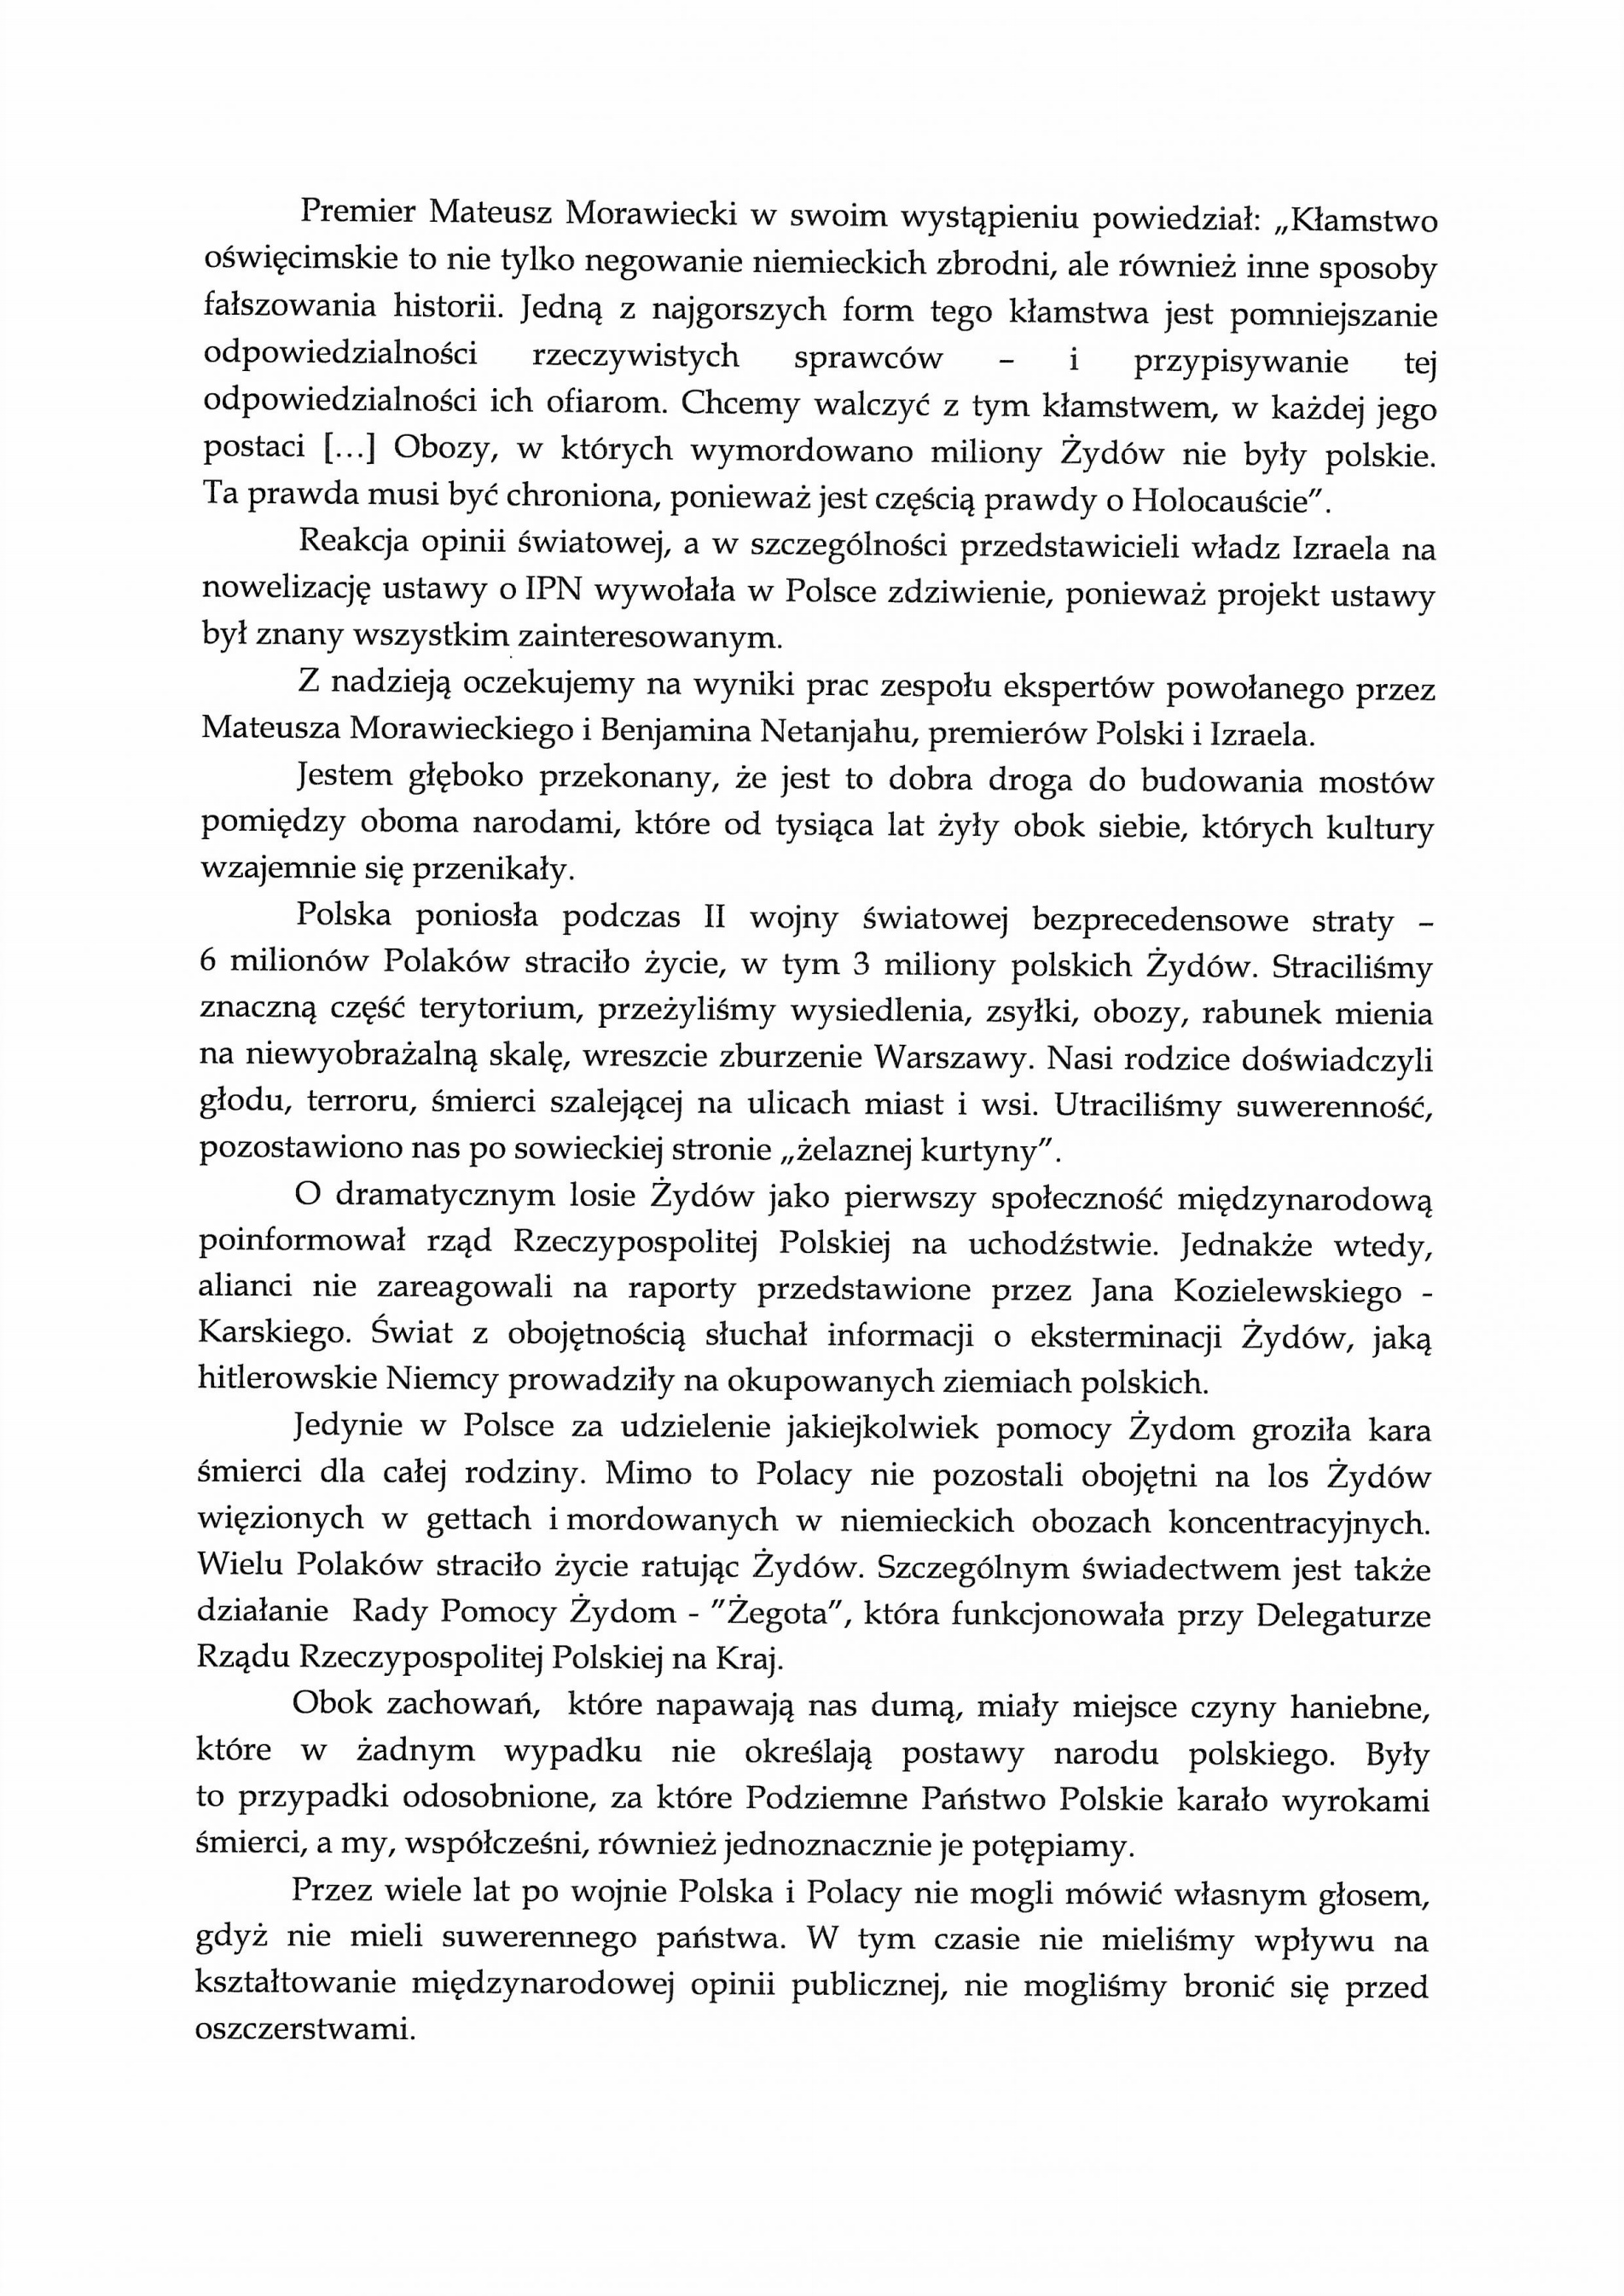 List do Poloni_2.jpg